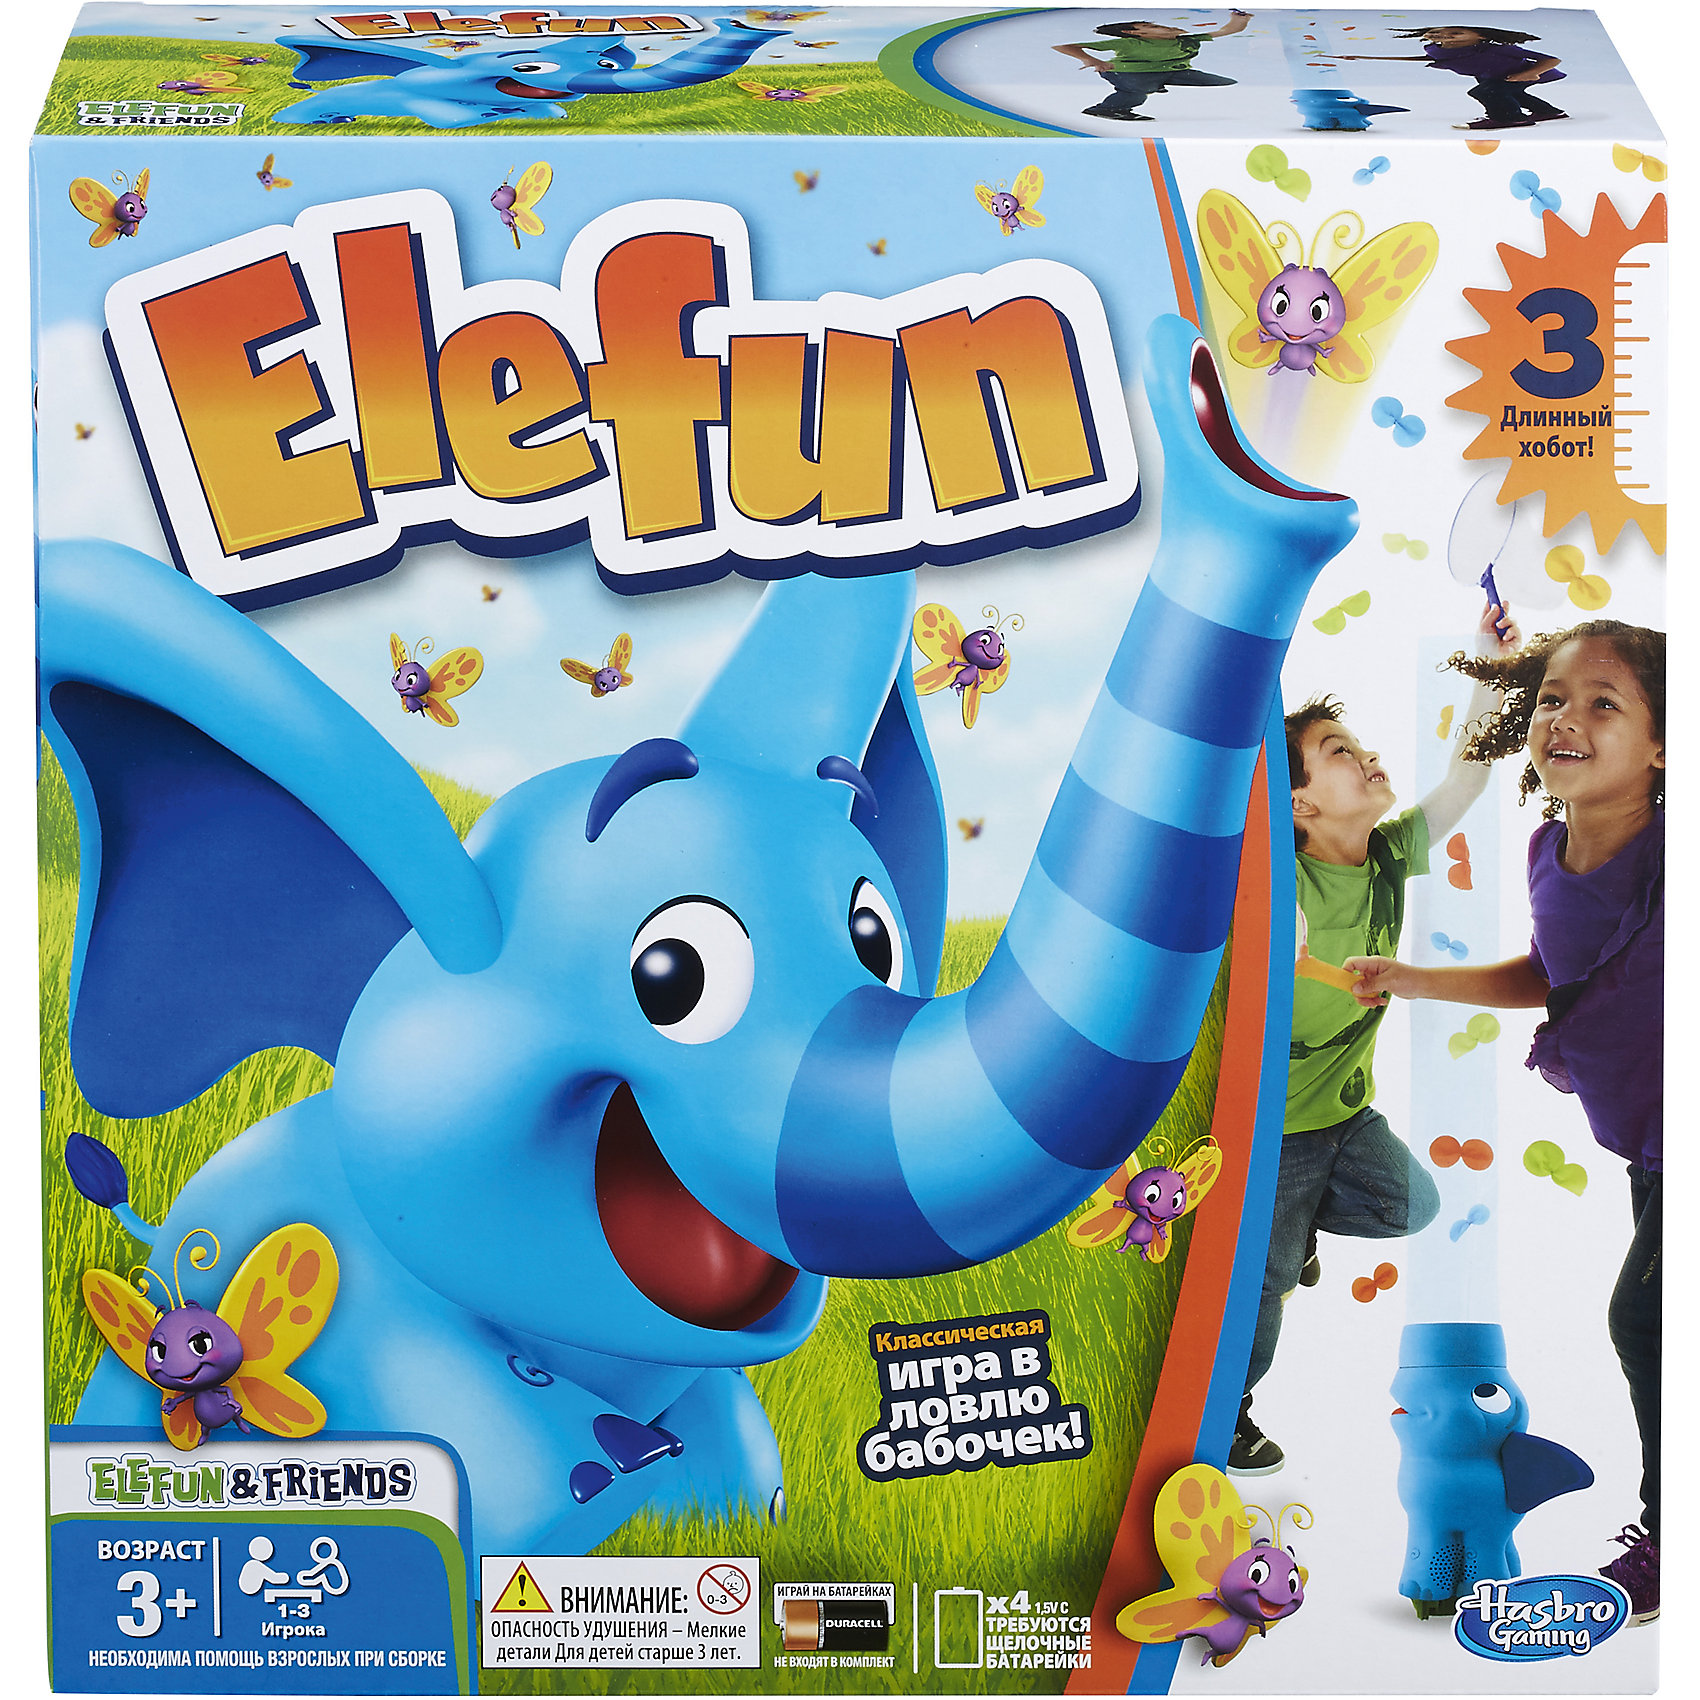 Слоник Элефан, HasbroИгры для развлечений<br>У нового Элефана хобот еще длиннее! Игра начинается с  громкого рева слона,что несомненно повеселит маленьких игроков, затем играет музыка и разноцветные бабочки начинают вылетать из хобота Элефана . Постарайся поймать как можно больше бабочек сачком. Побеждает тот, кто поймает больше всех бабочек! Для 2-3х игроков, Возраст 3+.<br><br>Ширина мм: 298<br>Глубина мм: 254<br>Высота мм: 298<br>Вес г: 2100<br>Возраст от месяцев: 36<br>Возраст до месяцев: 2147483647<br>Пол: Унисекс<br>Возраст: Детский<br>SKU: 6674409